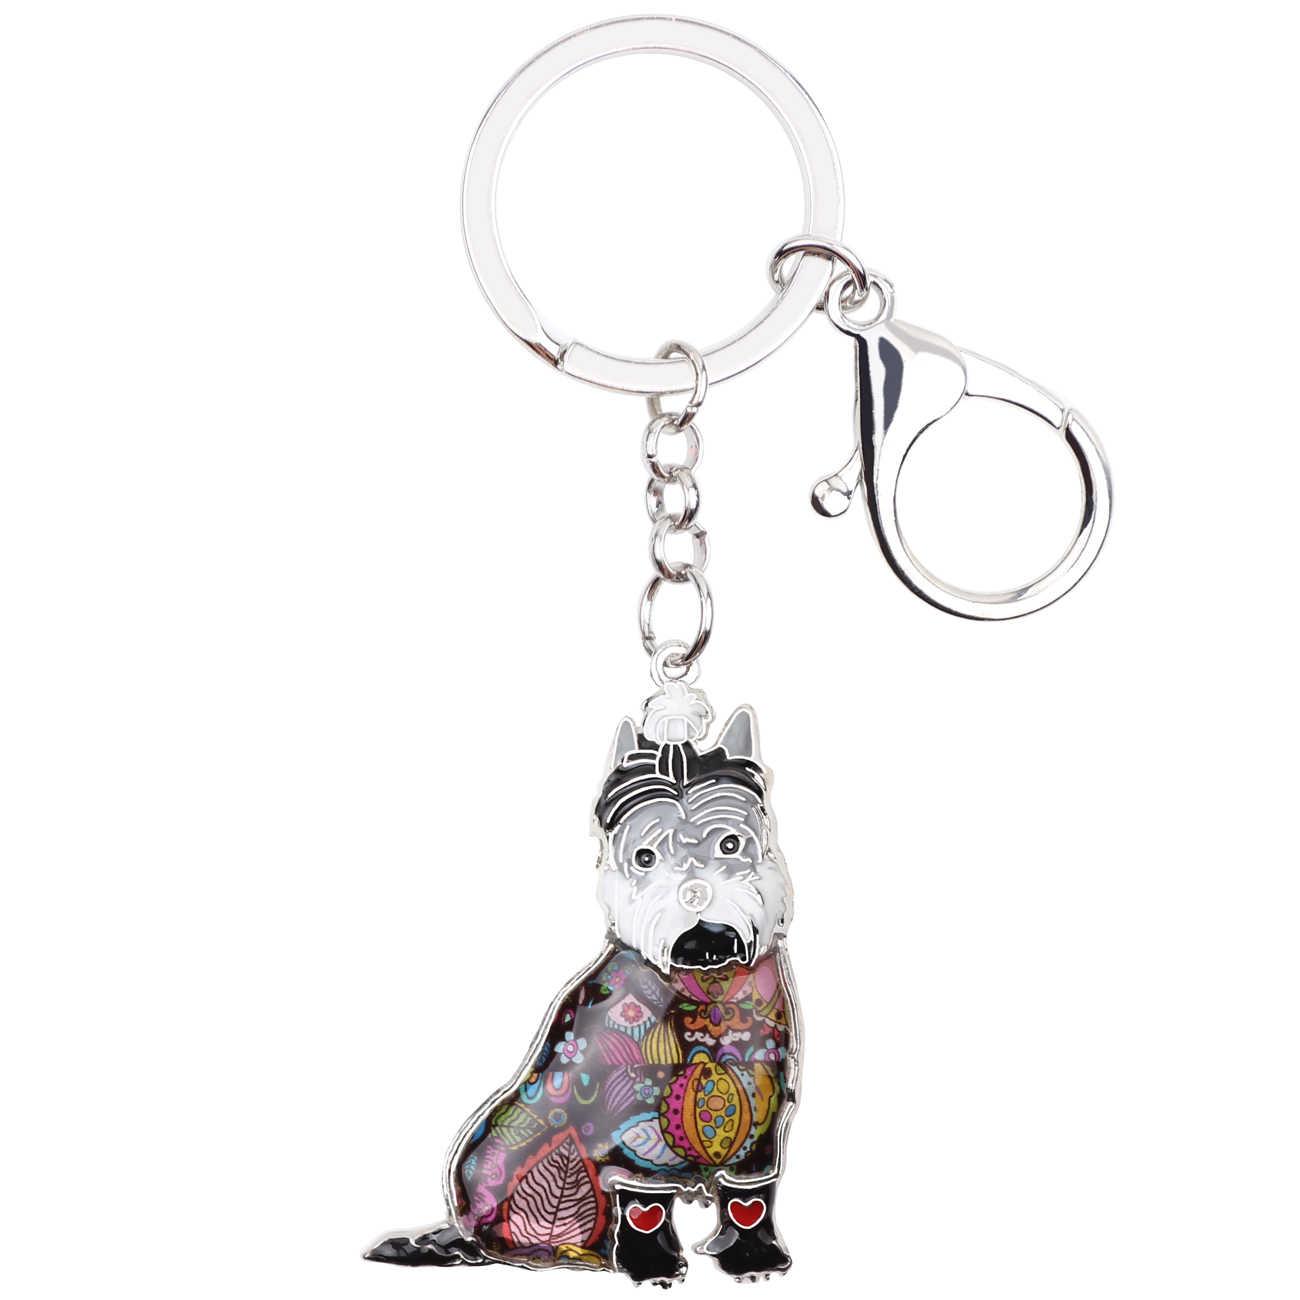 Bonsny esmalte dulce Schnauzer perro llaveros anillo Animal mascotas joyería bolso coche monedero llavero chica señora nuevo accesorio de moda